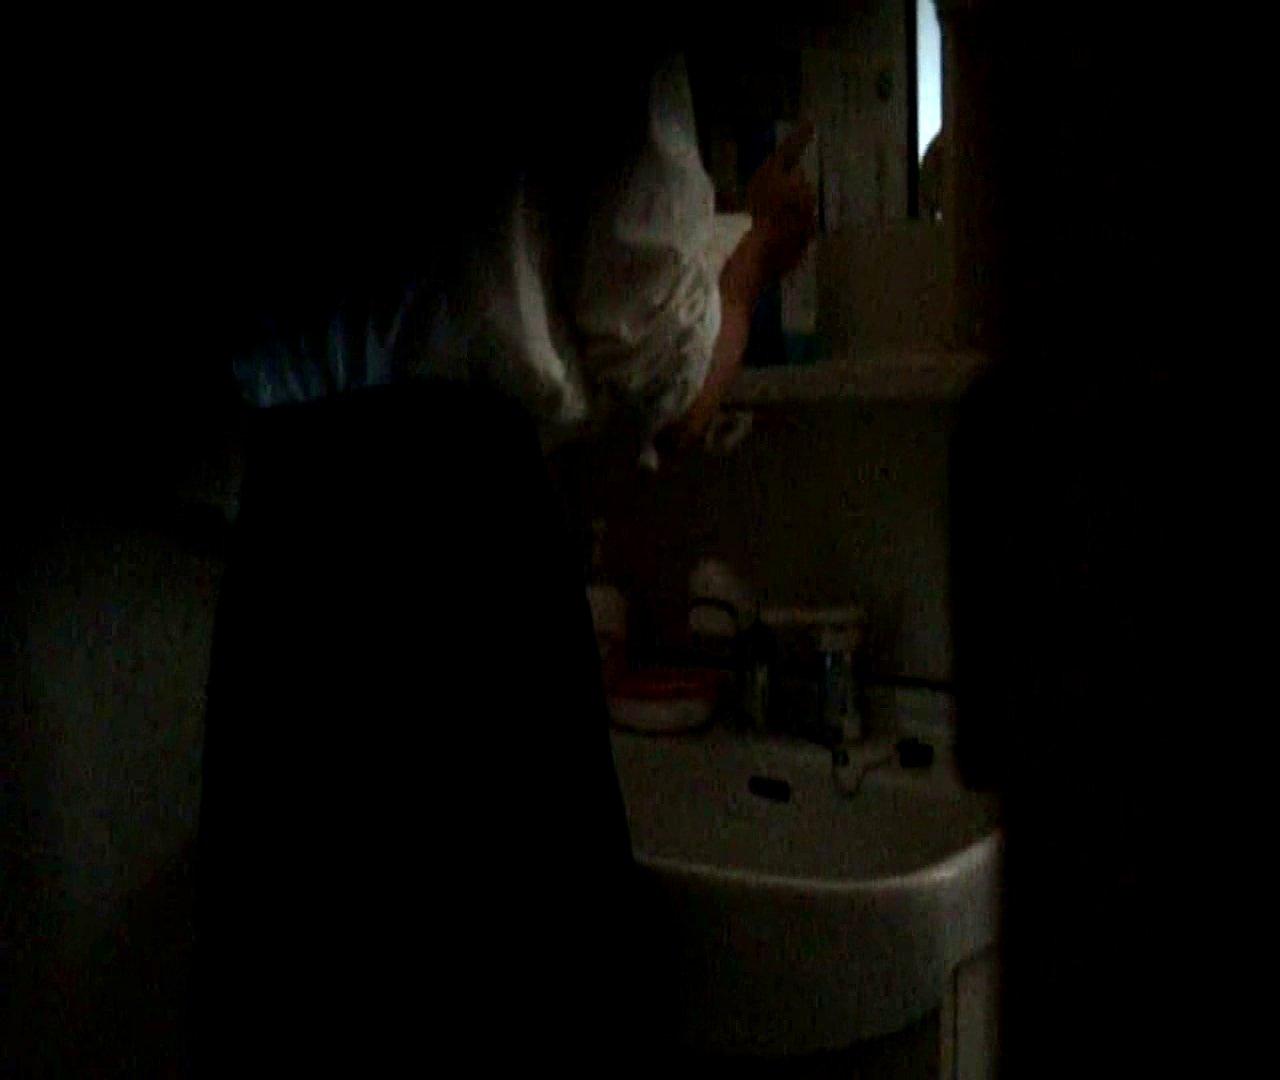 二人とも育てた甲斐がありました… vol.05 まどかが洗顔後にブラを洗濯 盗撮特集   おまんこ  86画像 27